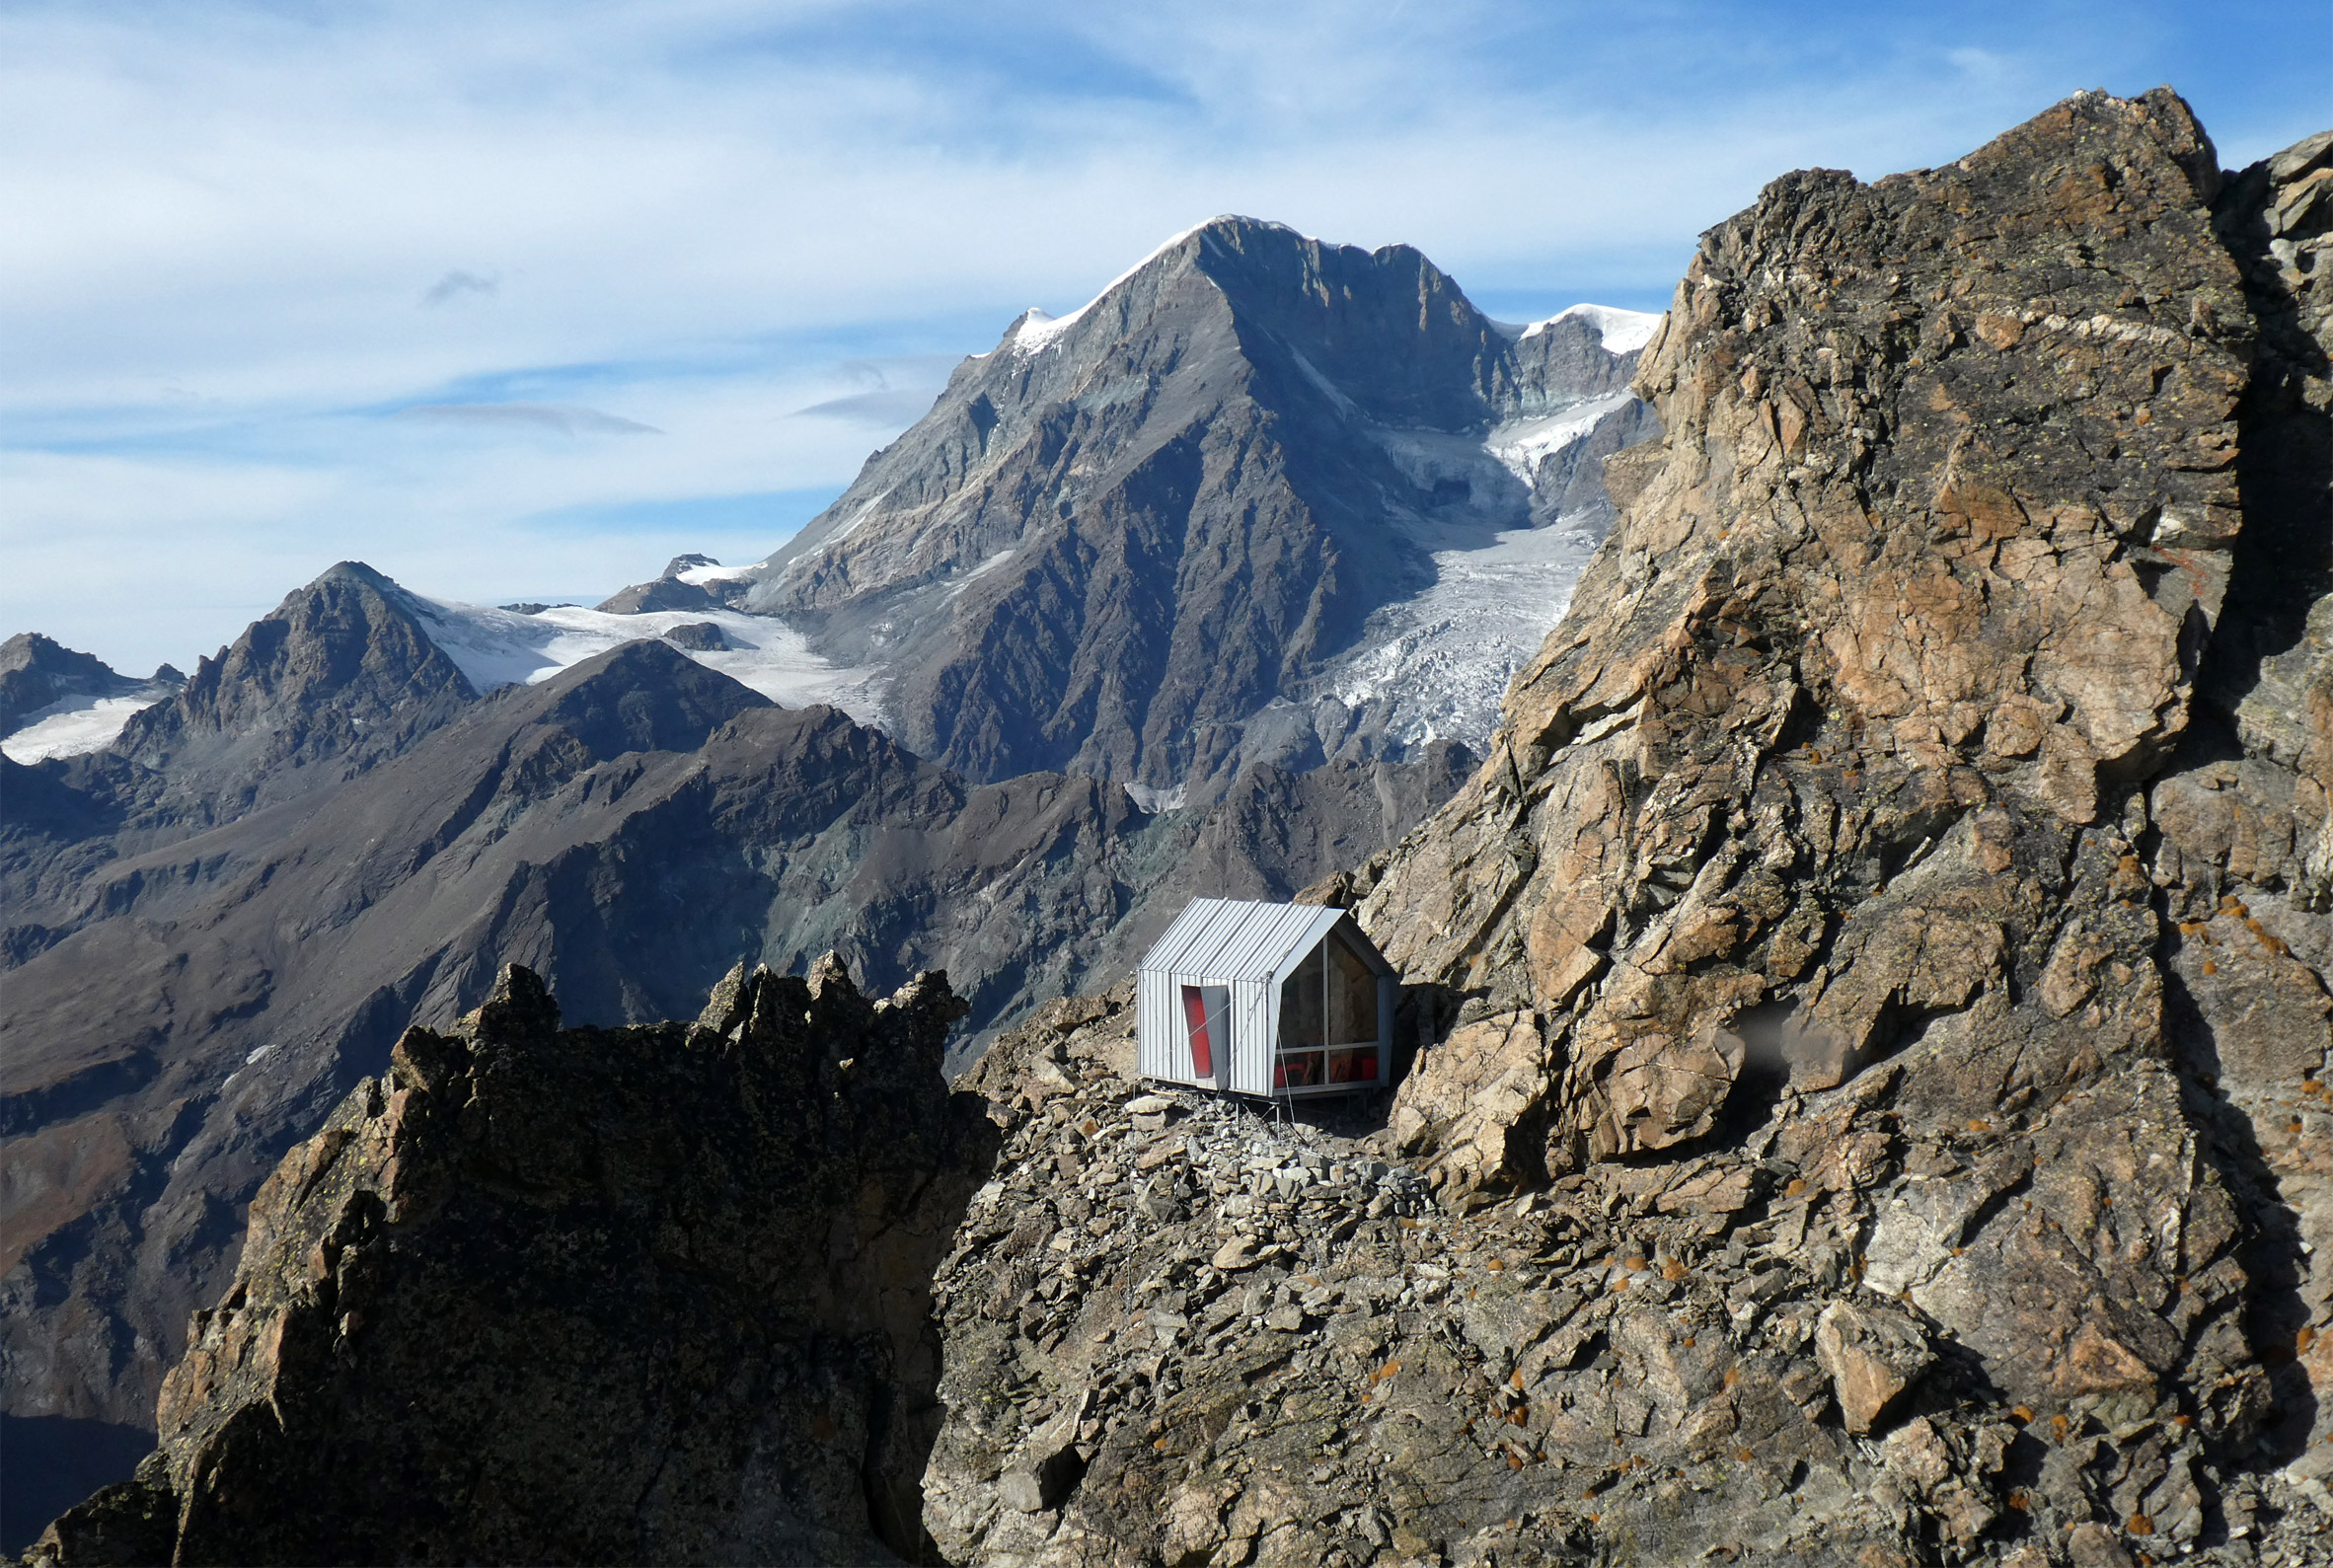 Bivouac Luca Pasqualetti by Roberto Dini and Stefano Girodo in the Italian Alps